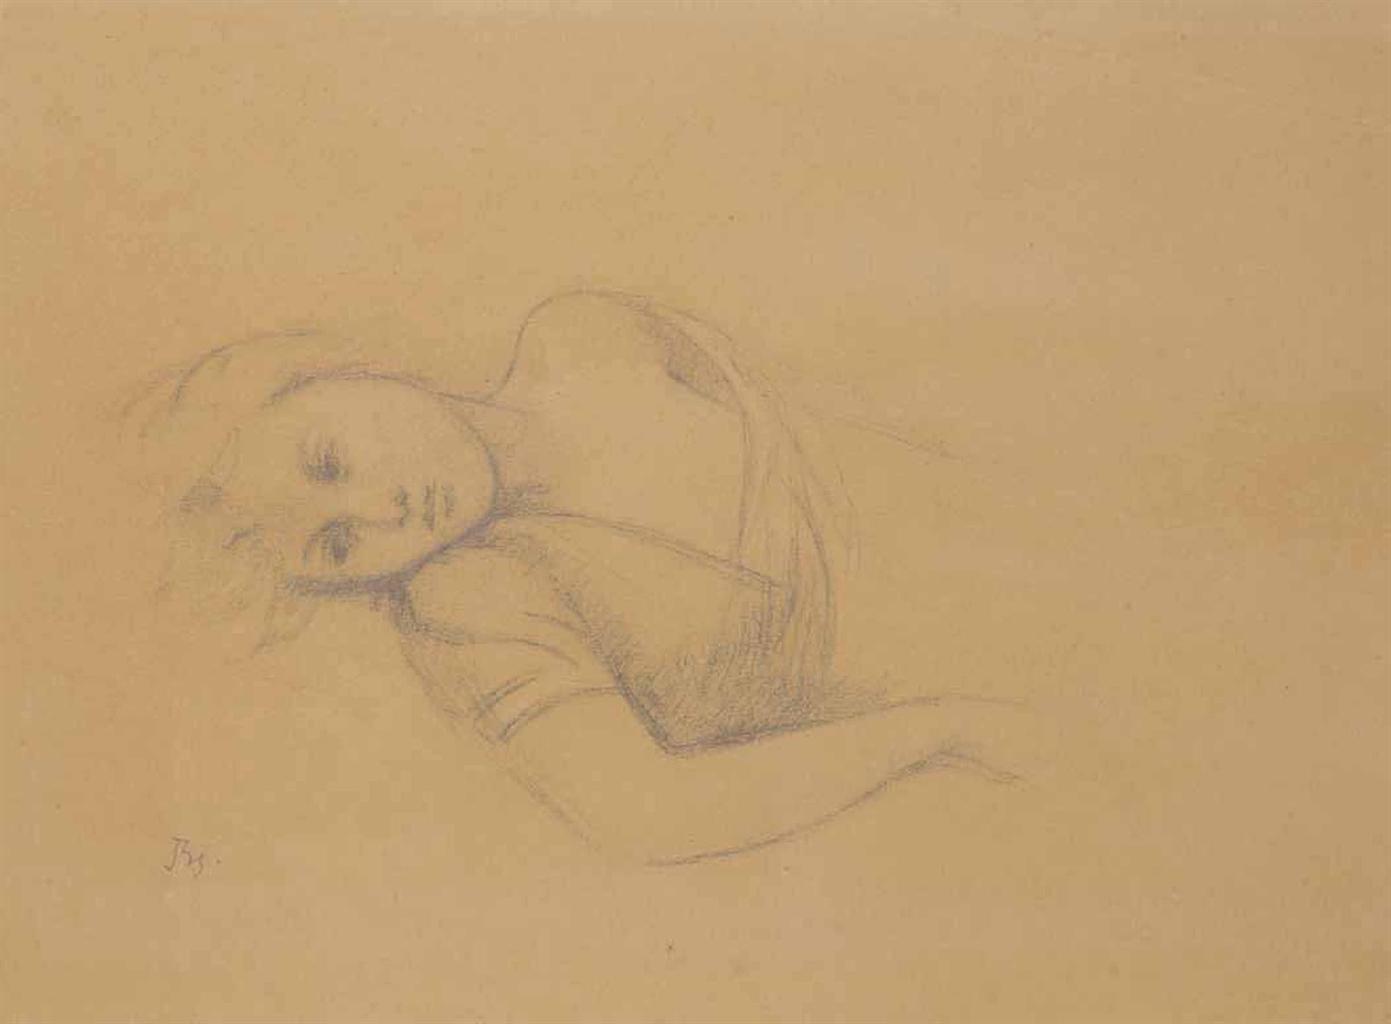 Balthus-Etude pour 'Femme couchee'-1948